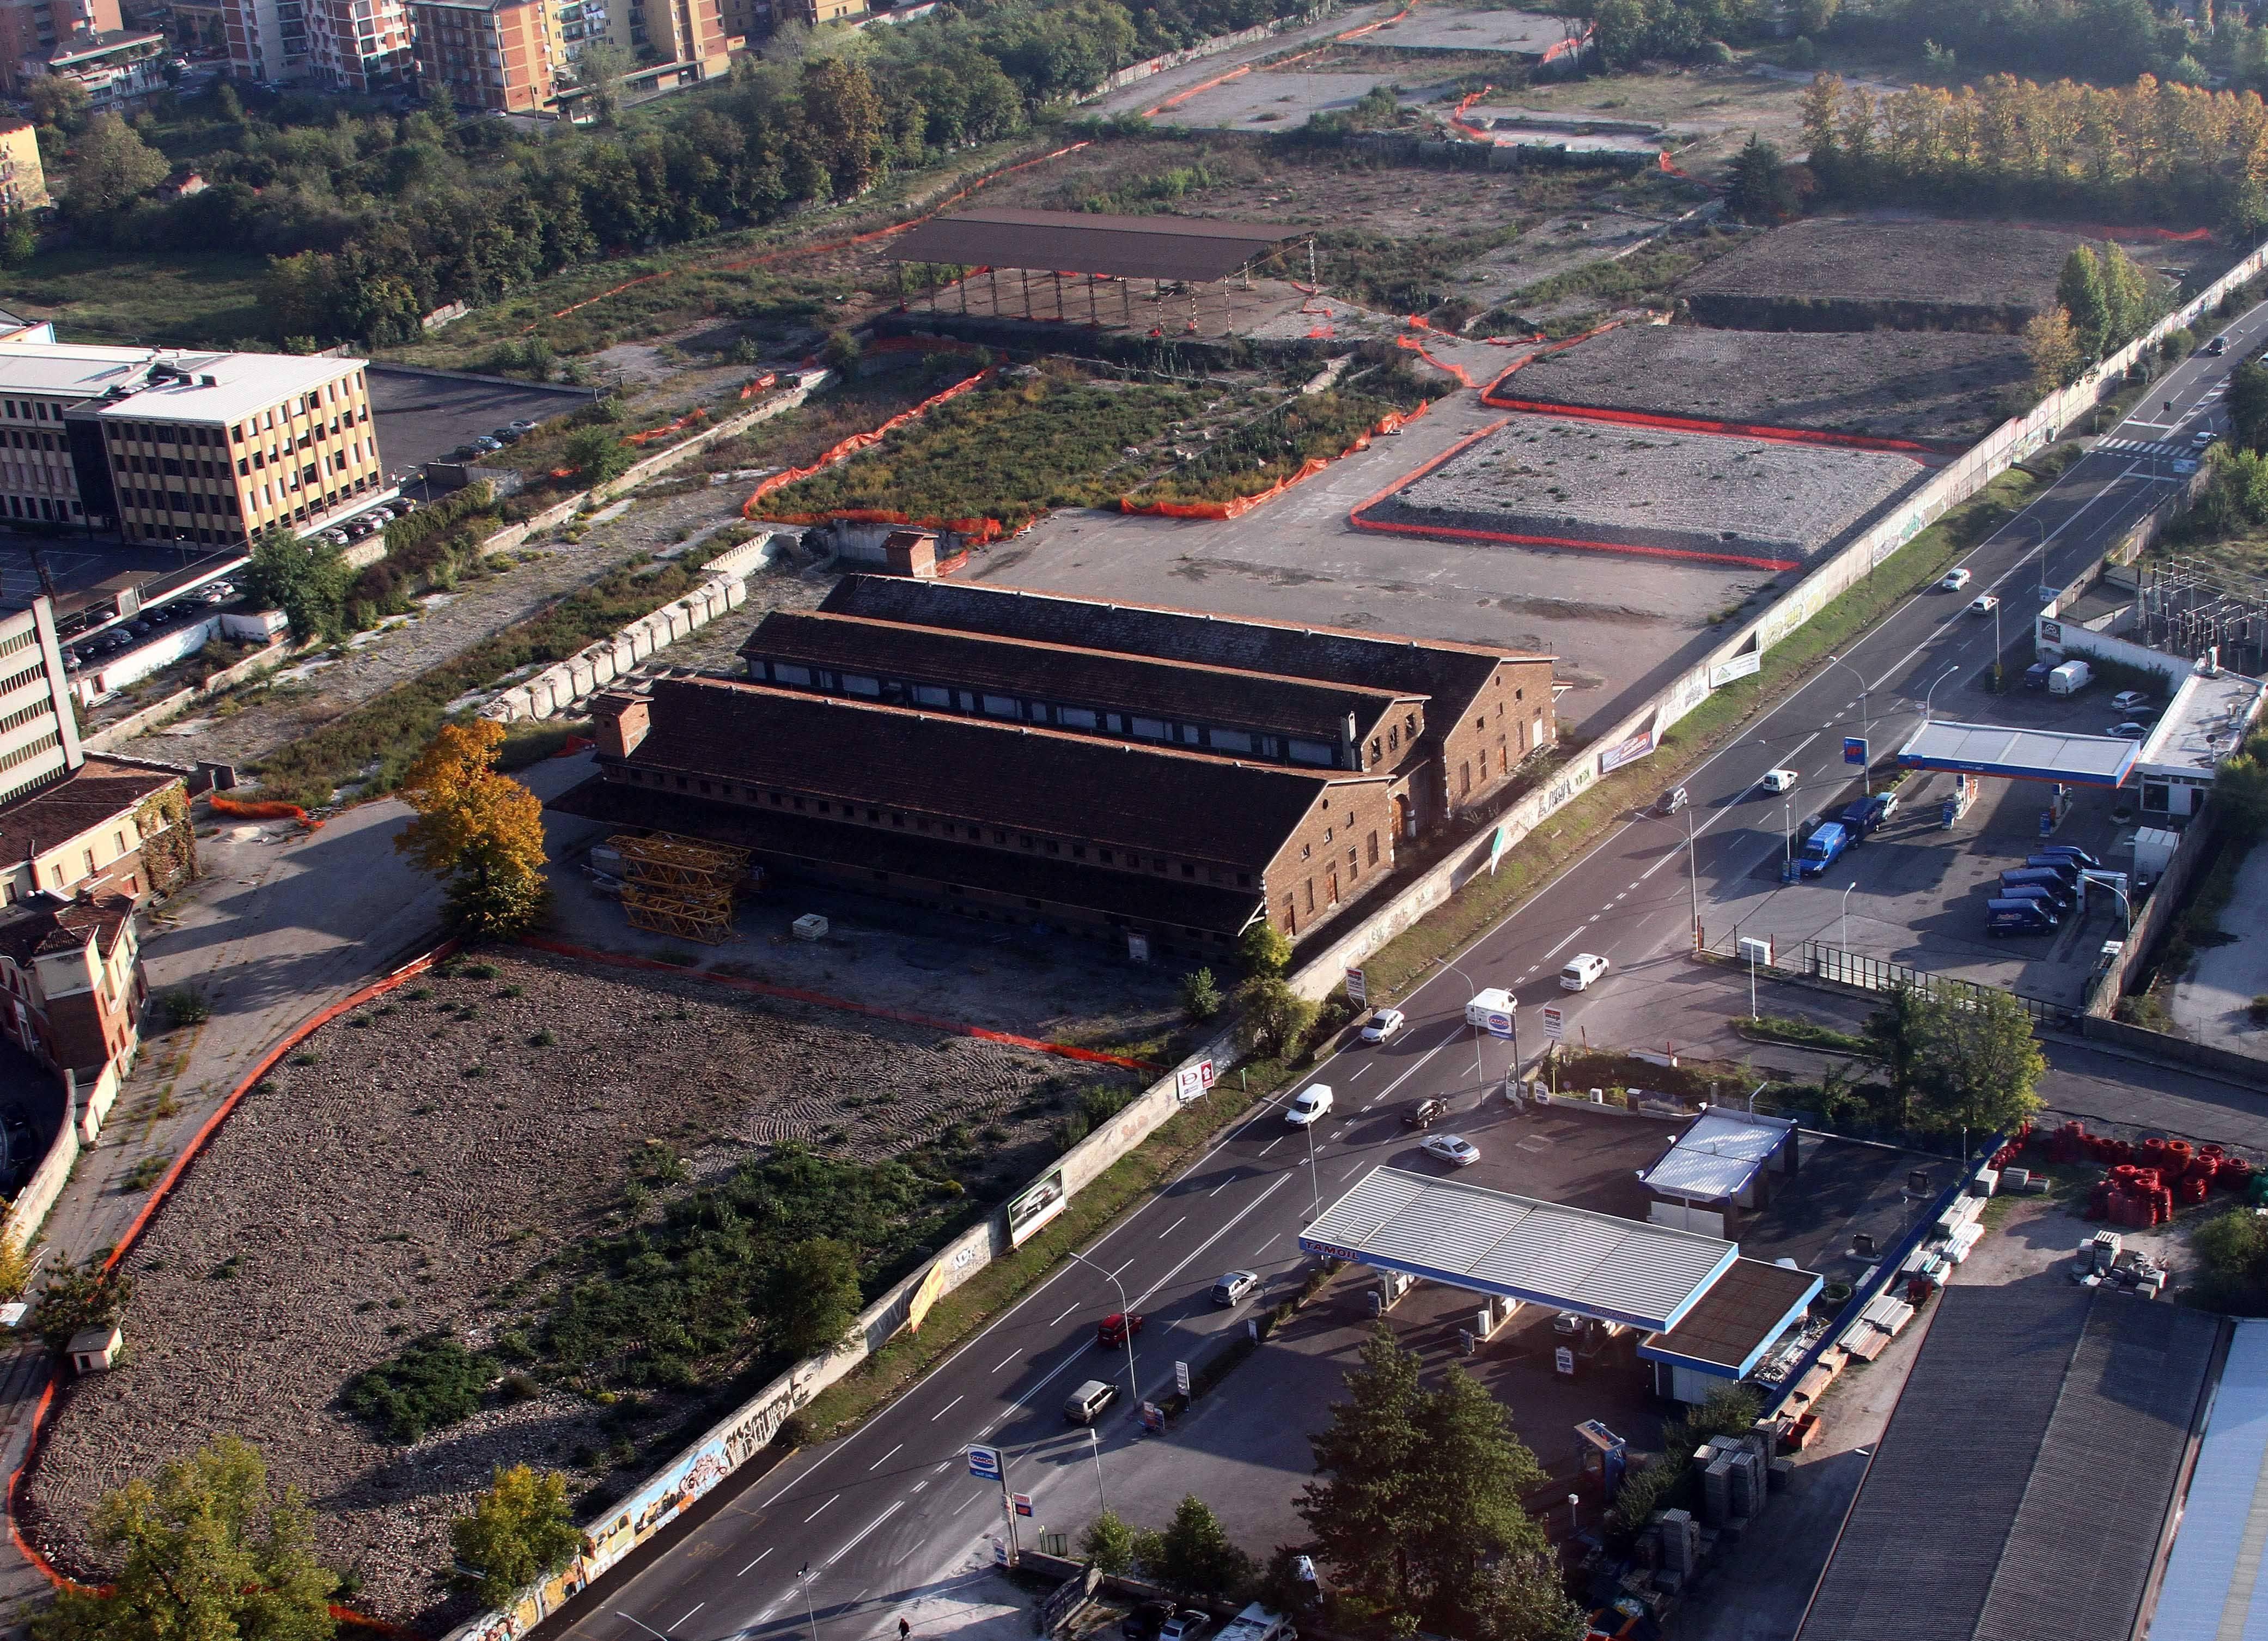 Brescia: Viaggia Il Cantiere Per Il Nuovo Flaminia, Investimento Da Oltre  60 Milioni Di Euro. La Necessità Di Un Altro Mega Centro Commerciale In  Città ...